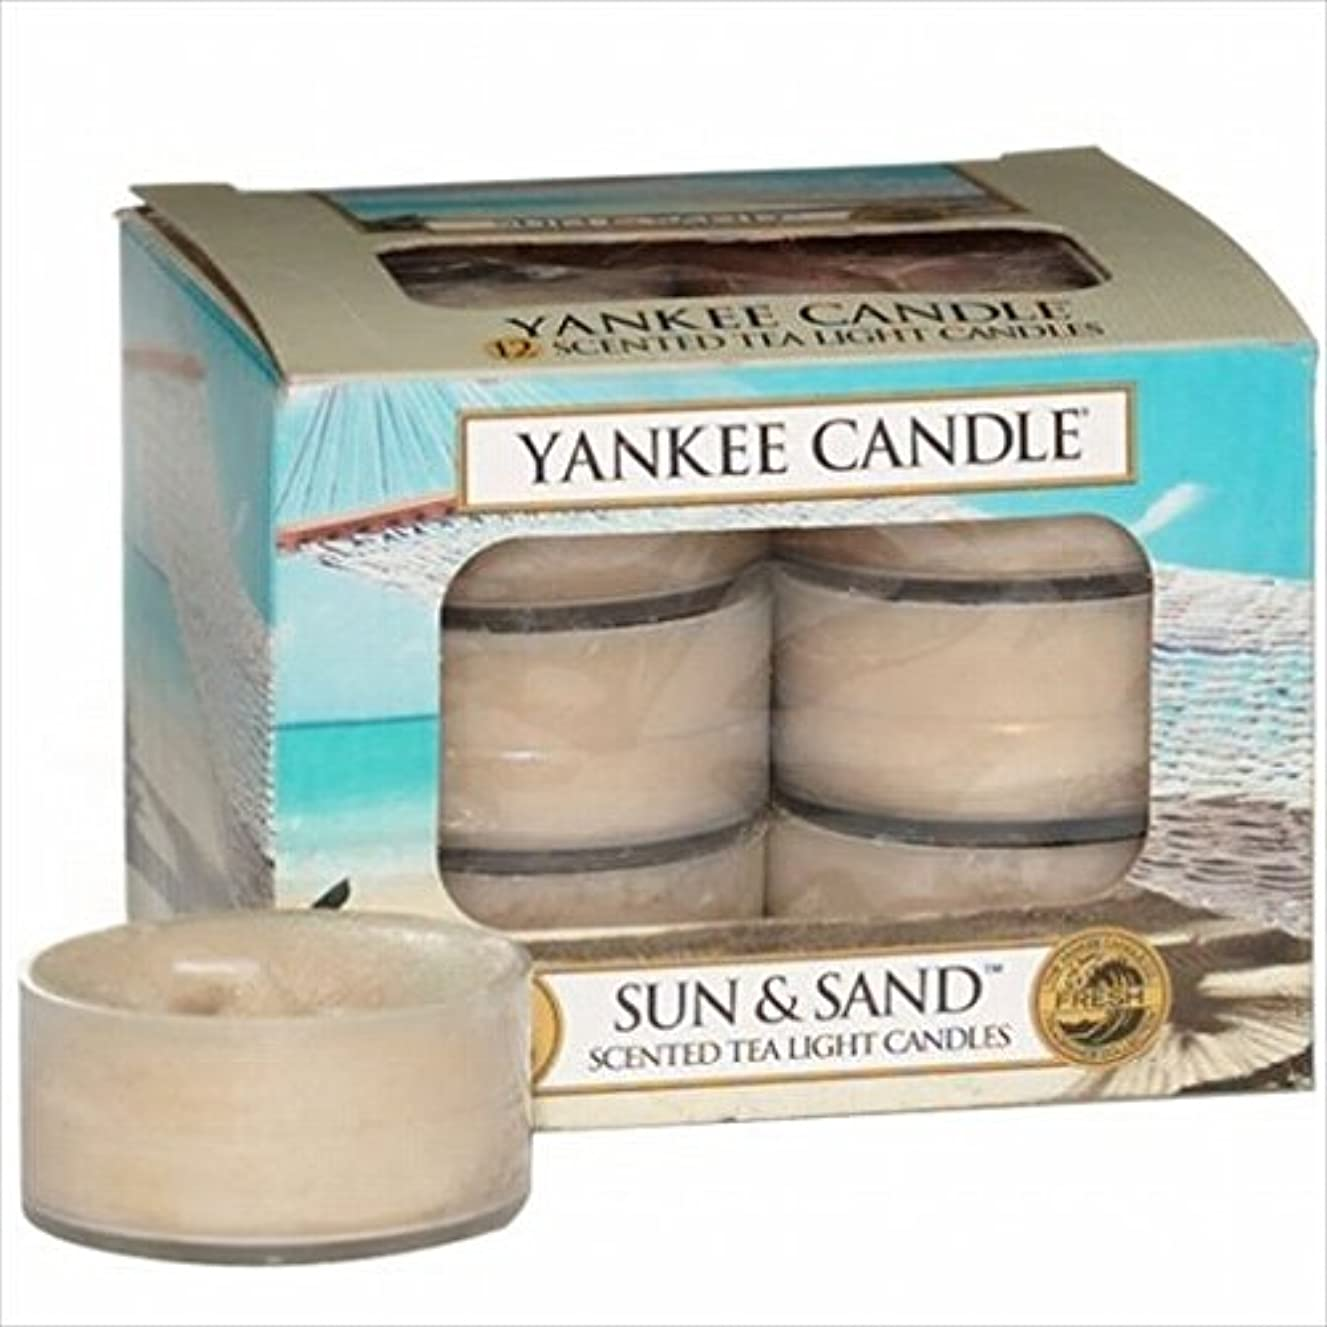 ボリューム小数オデュッセウスヤンキーキャンドル( YANKEE CANDLE ) YANKEE CANDLE クリアカップティーライト12個入り 「 サン&サンド 」